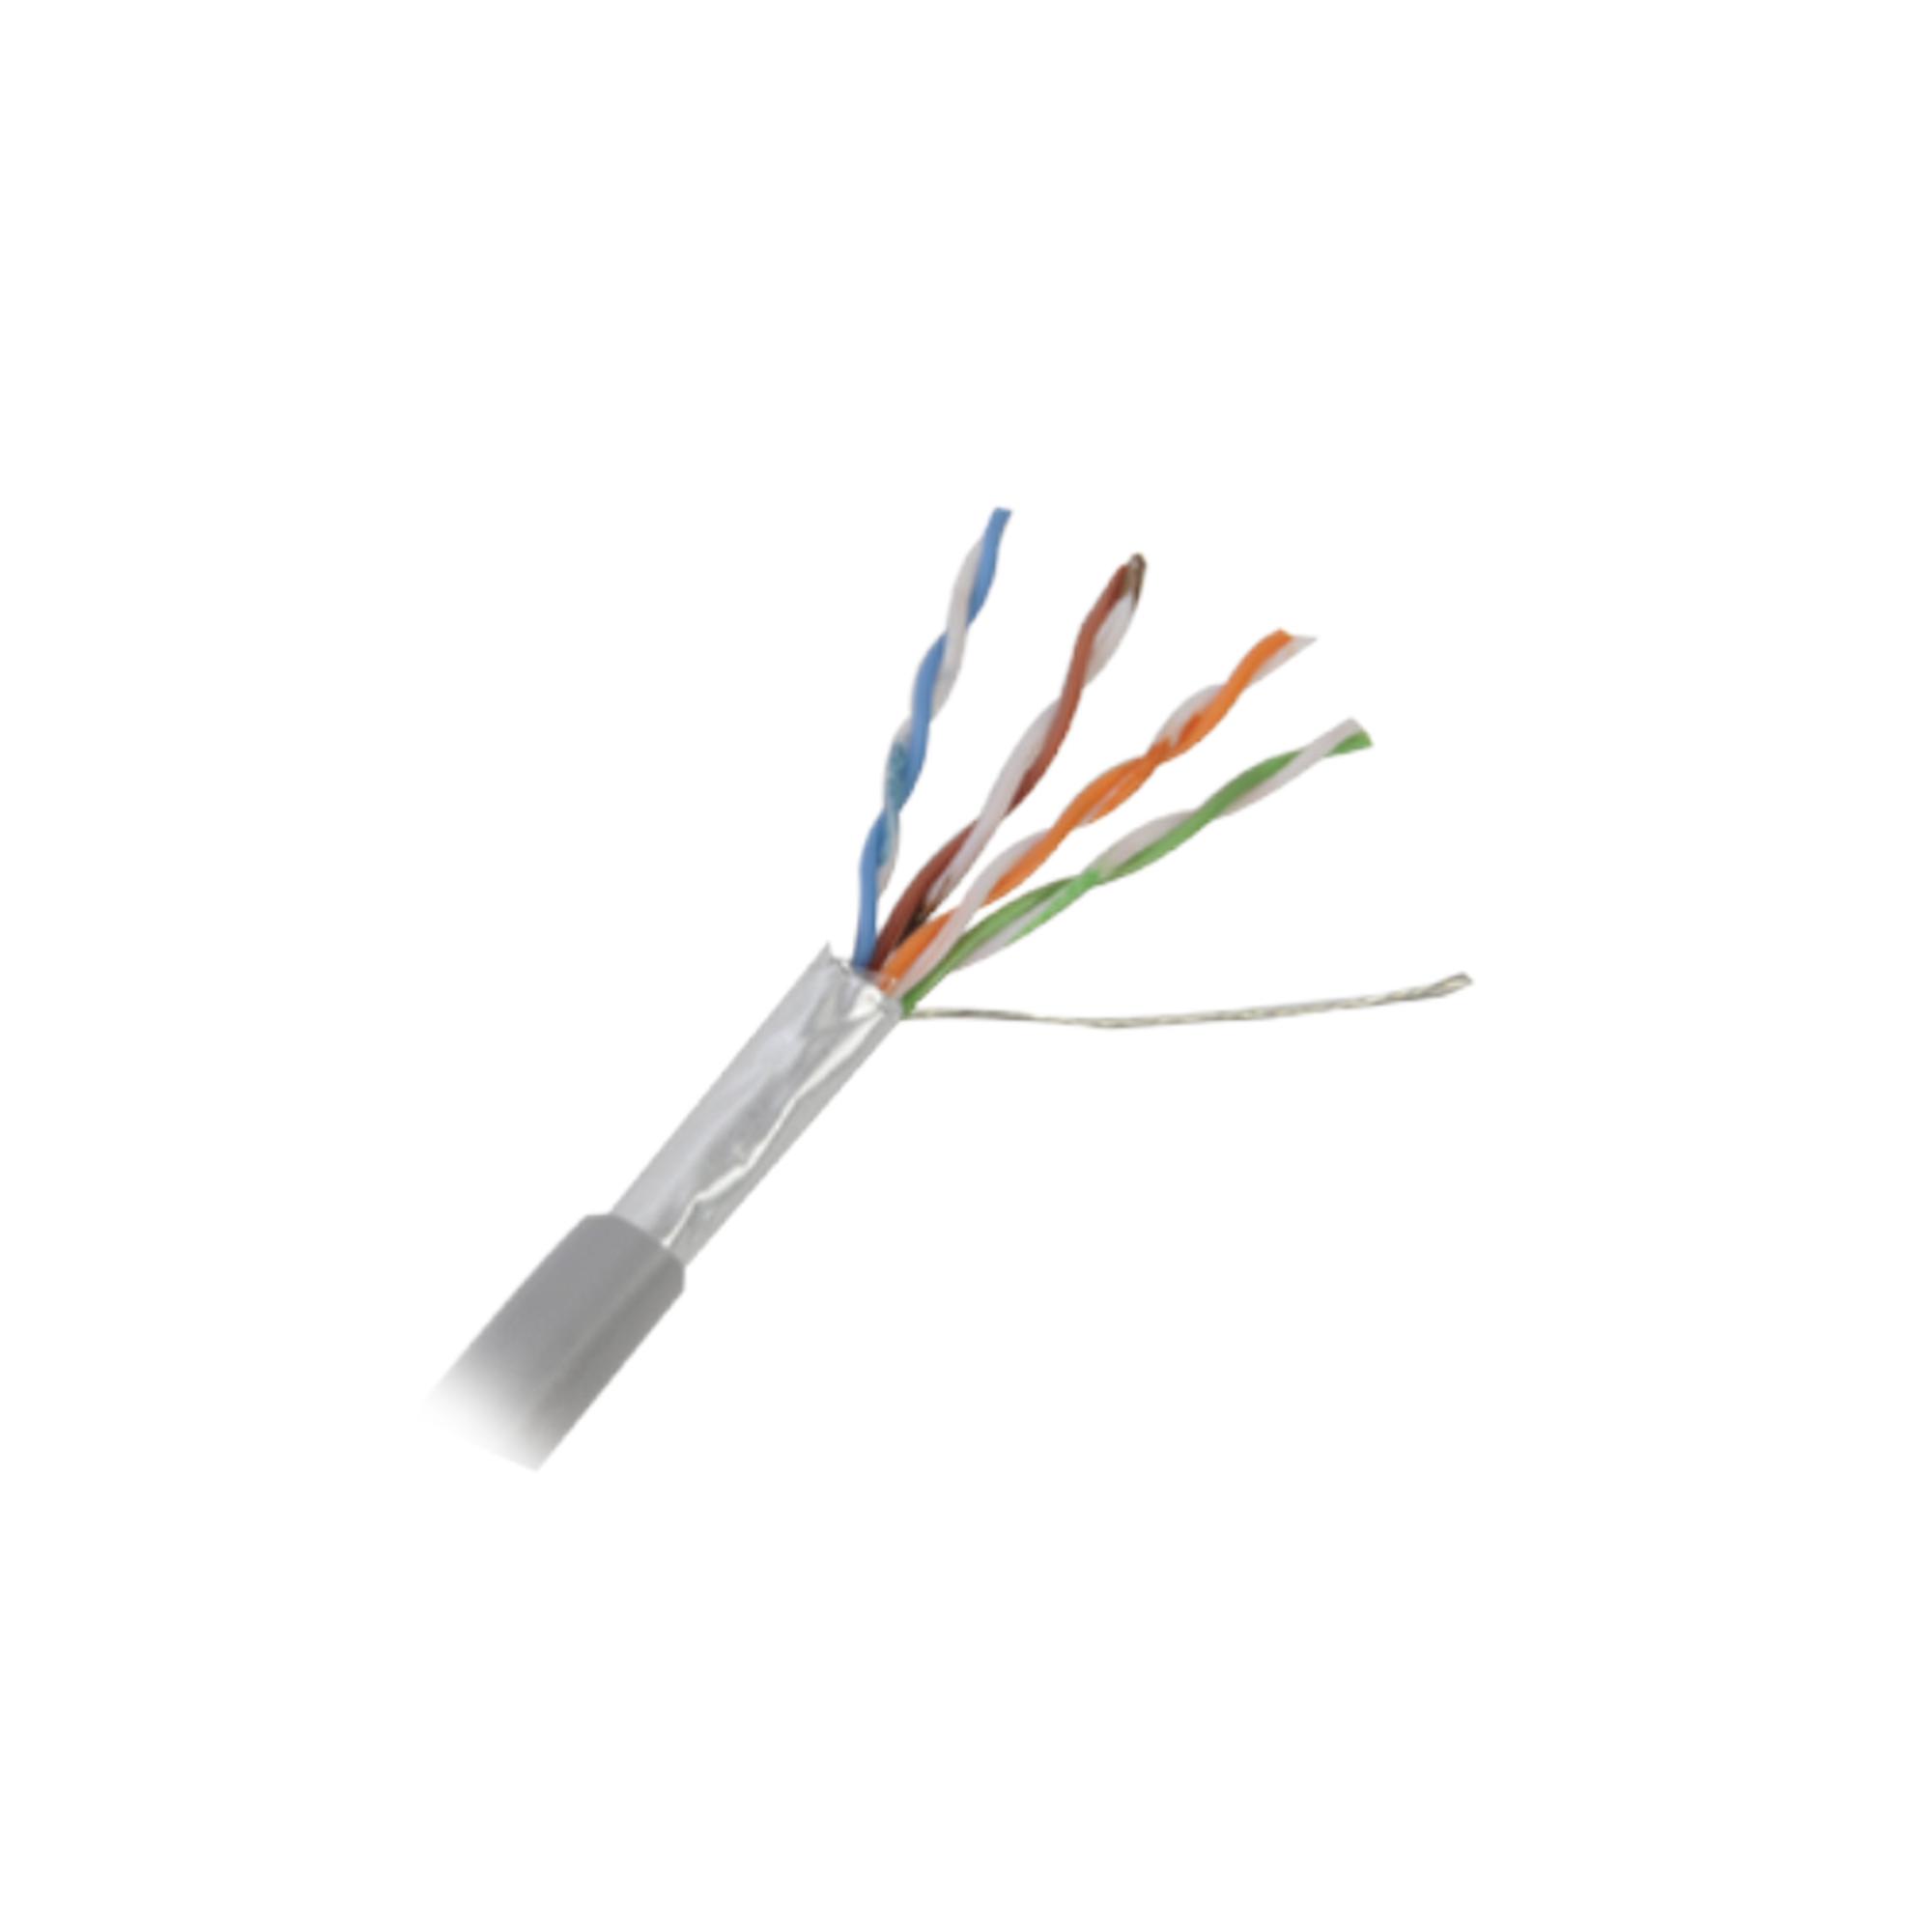 Retazo de 10 mts de Cable Cat5e FTP, ESCUT, UL, CMR, color Gris, para aplicaciones en CCTV y redes de datos. Uso en intemperie